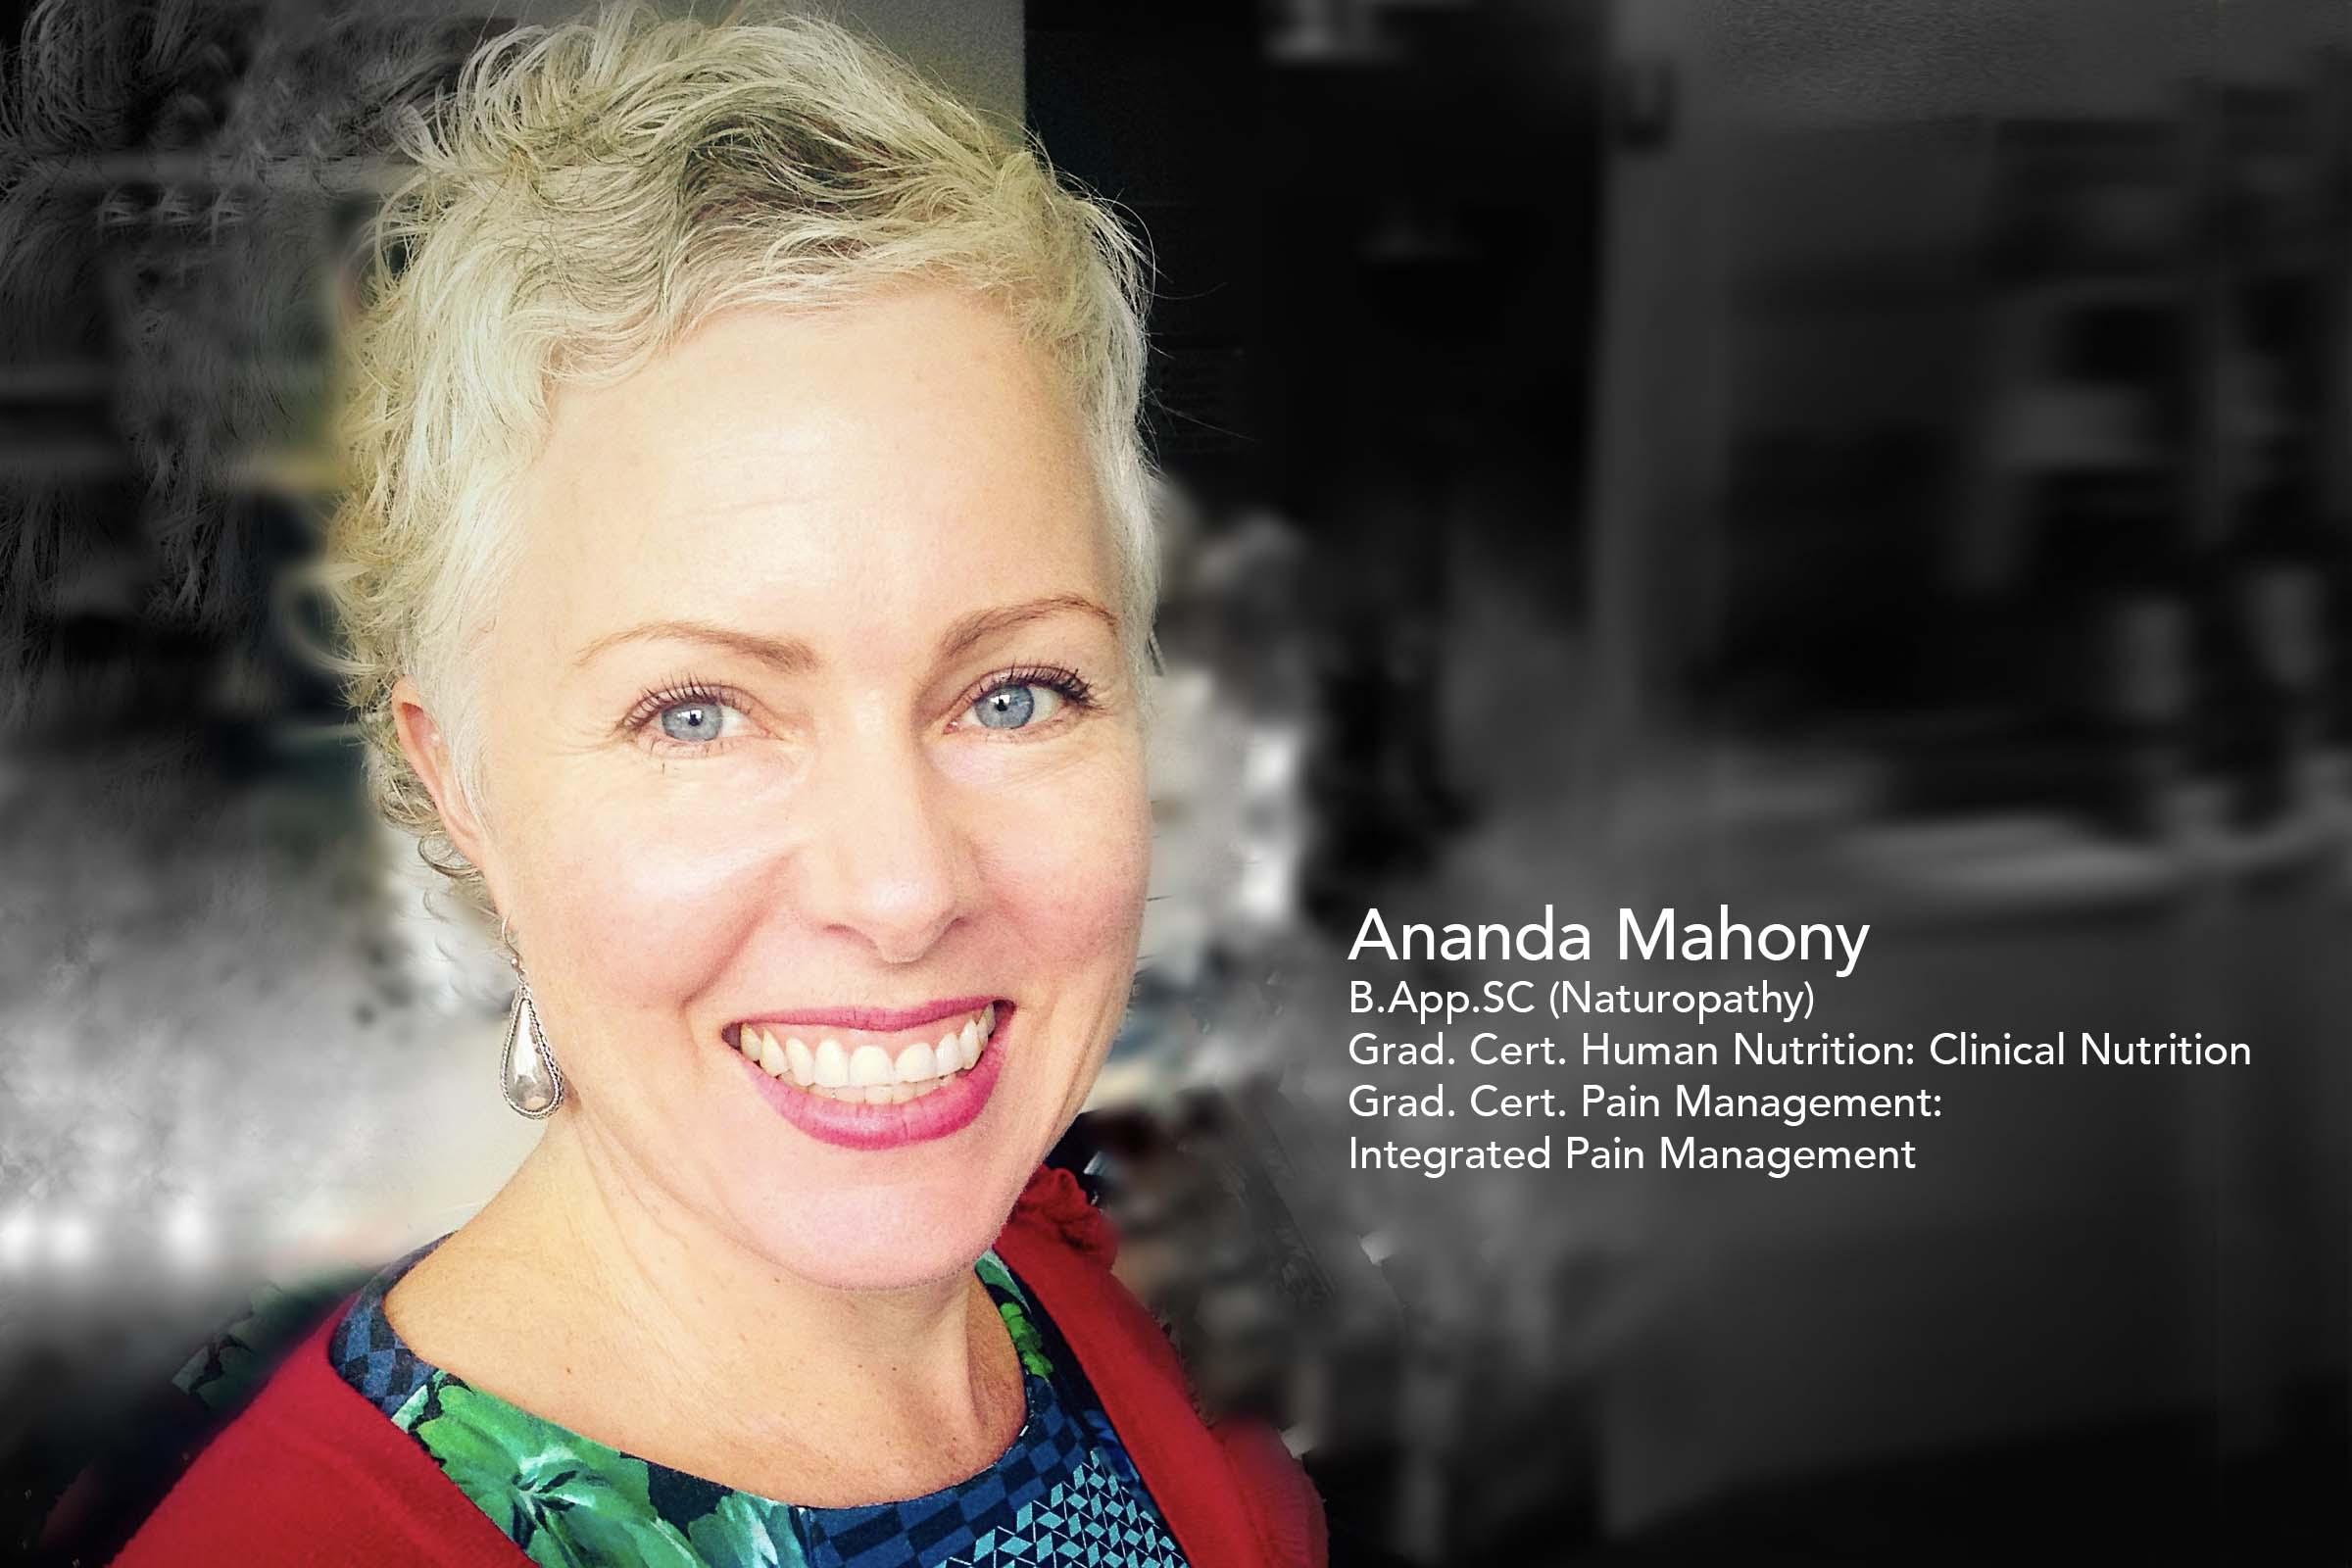 Ananda Mahony PainWISE Facilitator